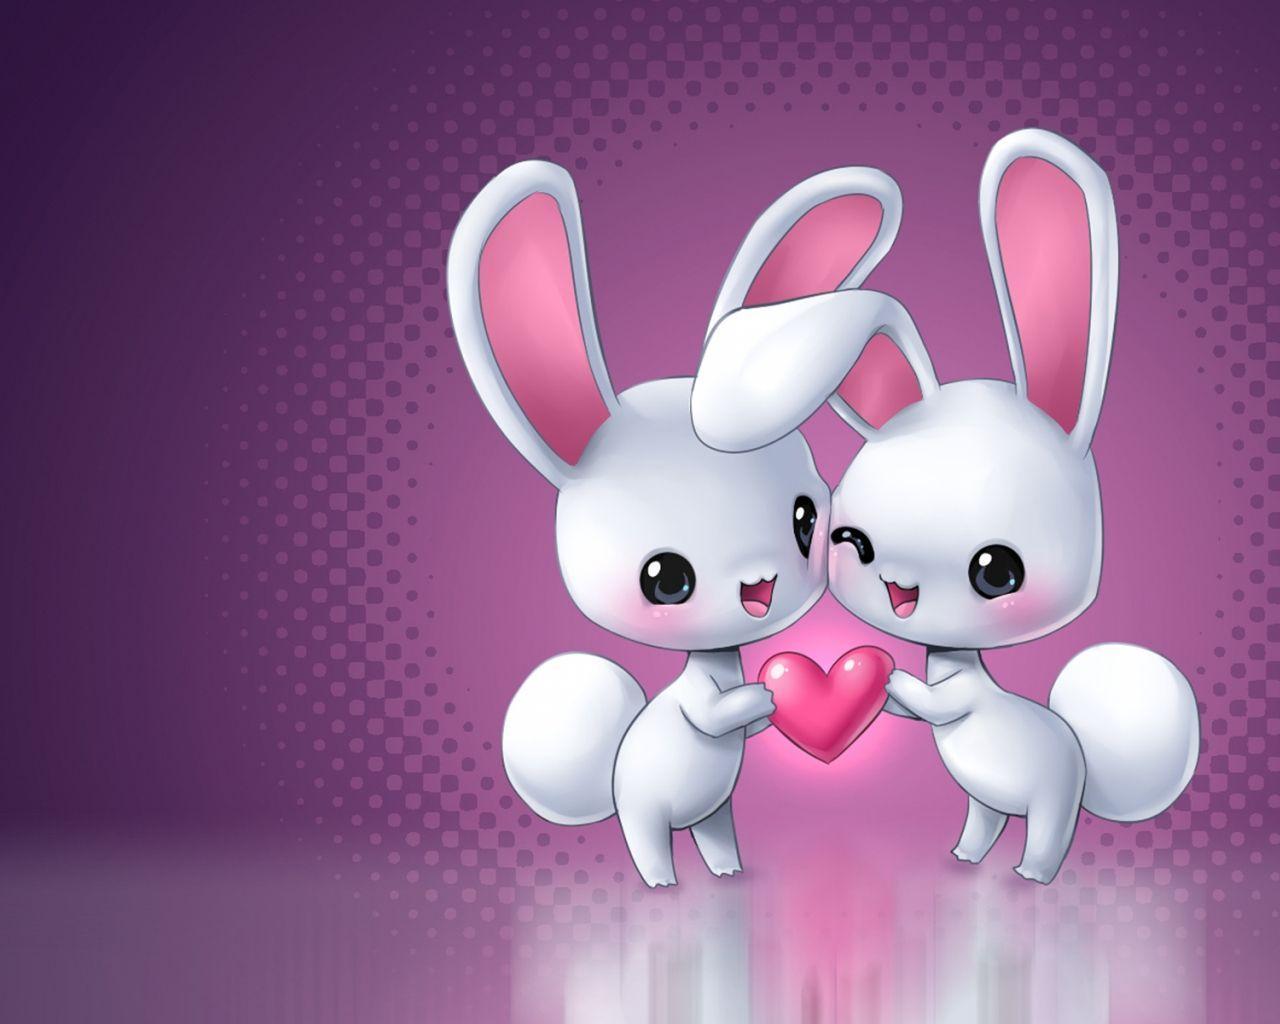 Wallpaper download cartoon - In Love Cartoon Bunnies Wallpaper Download Wallpapers Page